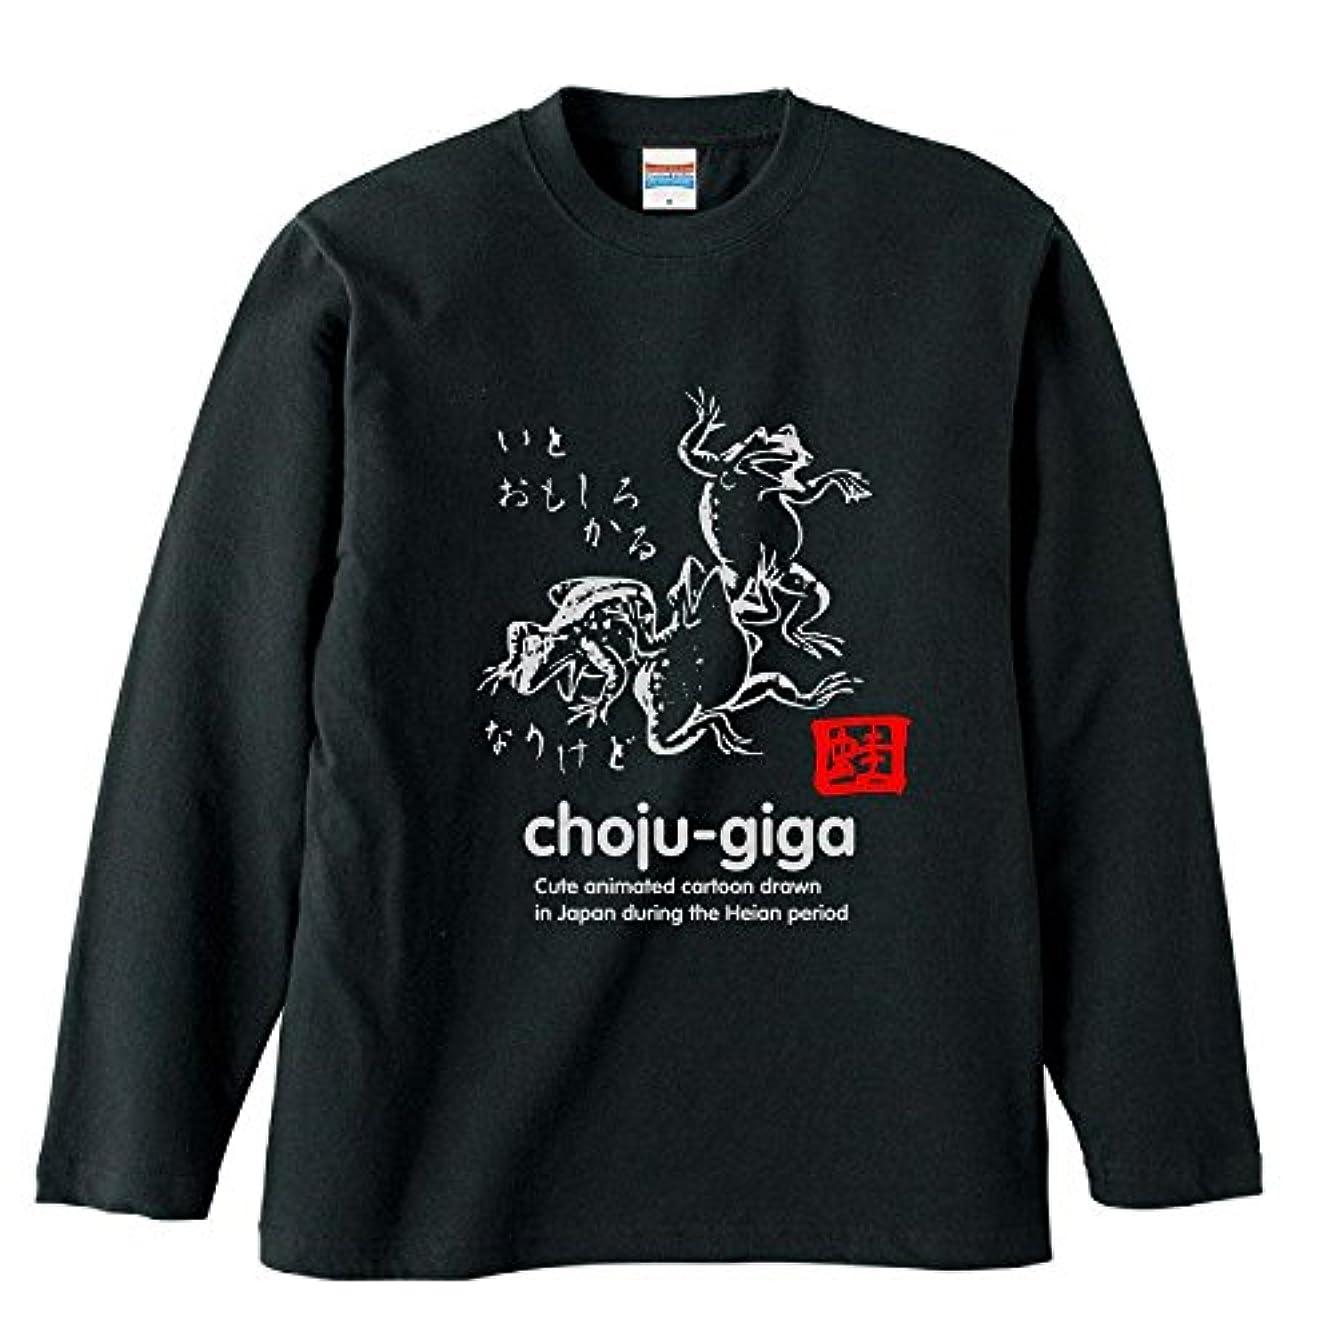 倫理散る拒絶カタログネットTシャツ工房 鳥獣戯画 メッセージ ロング Tシャツ いとおもしろかるなりけど かえる 長袖